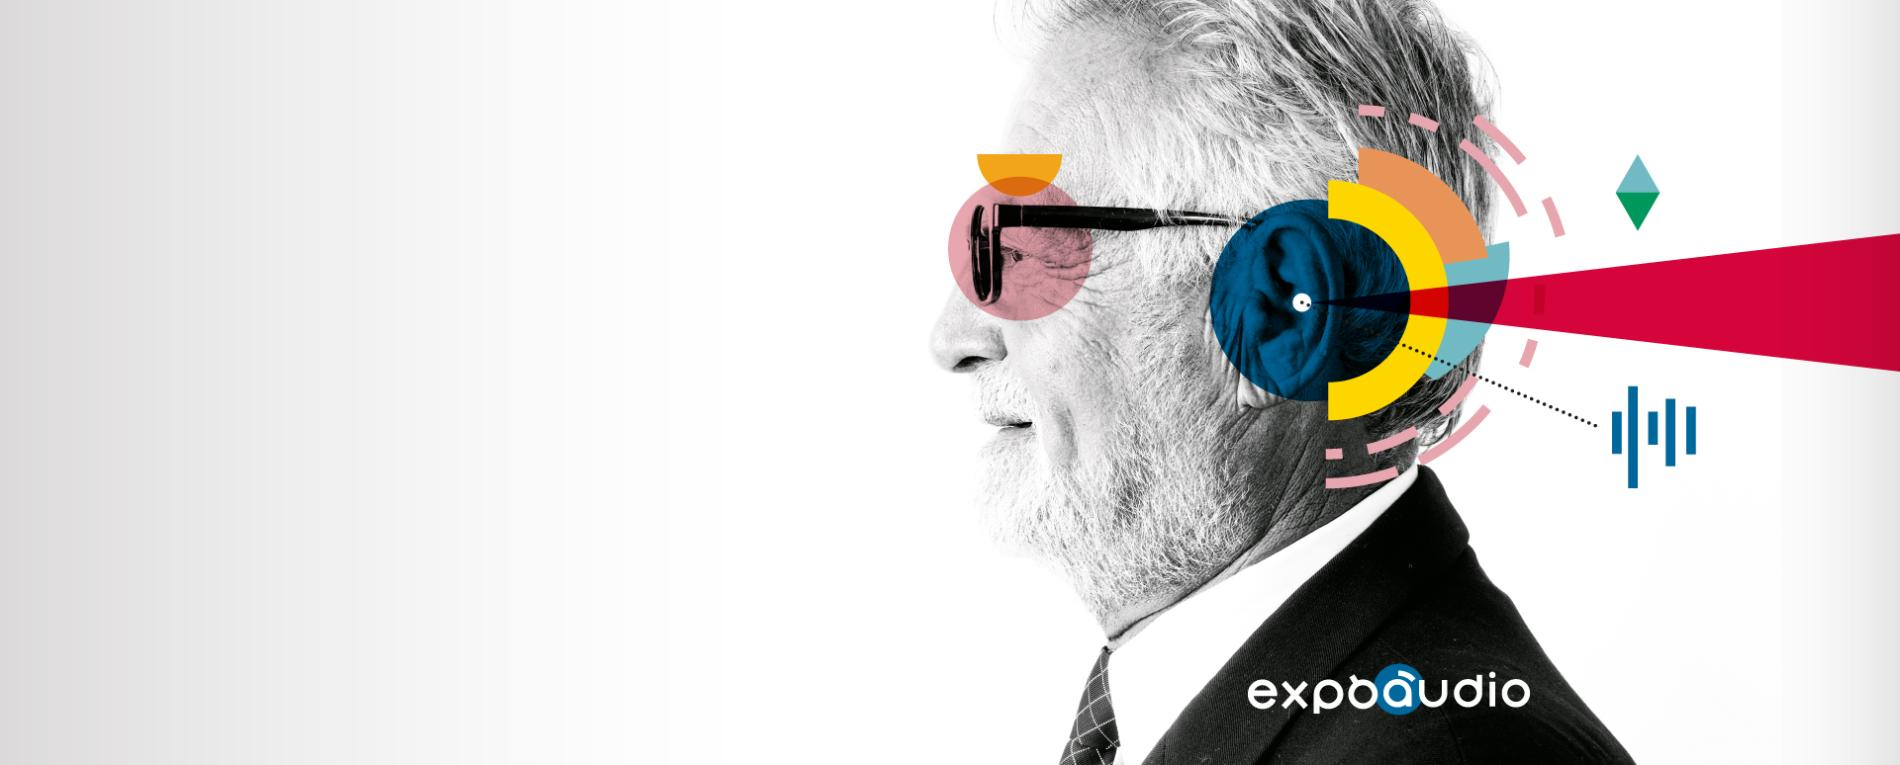 illustration for ExpoAudio poster